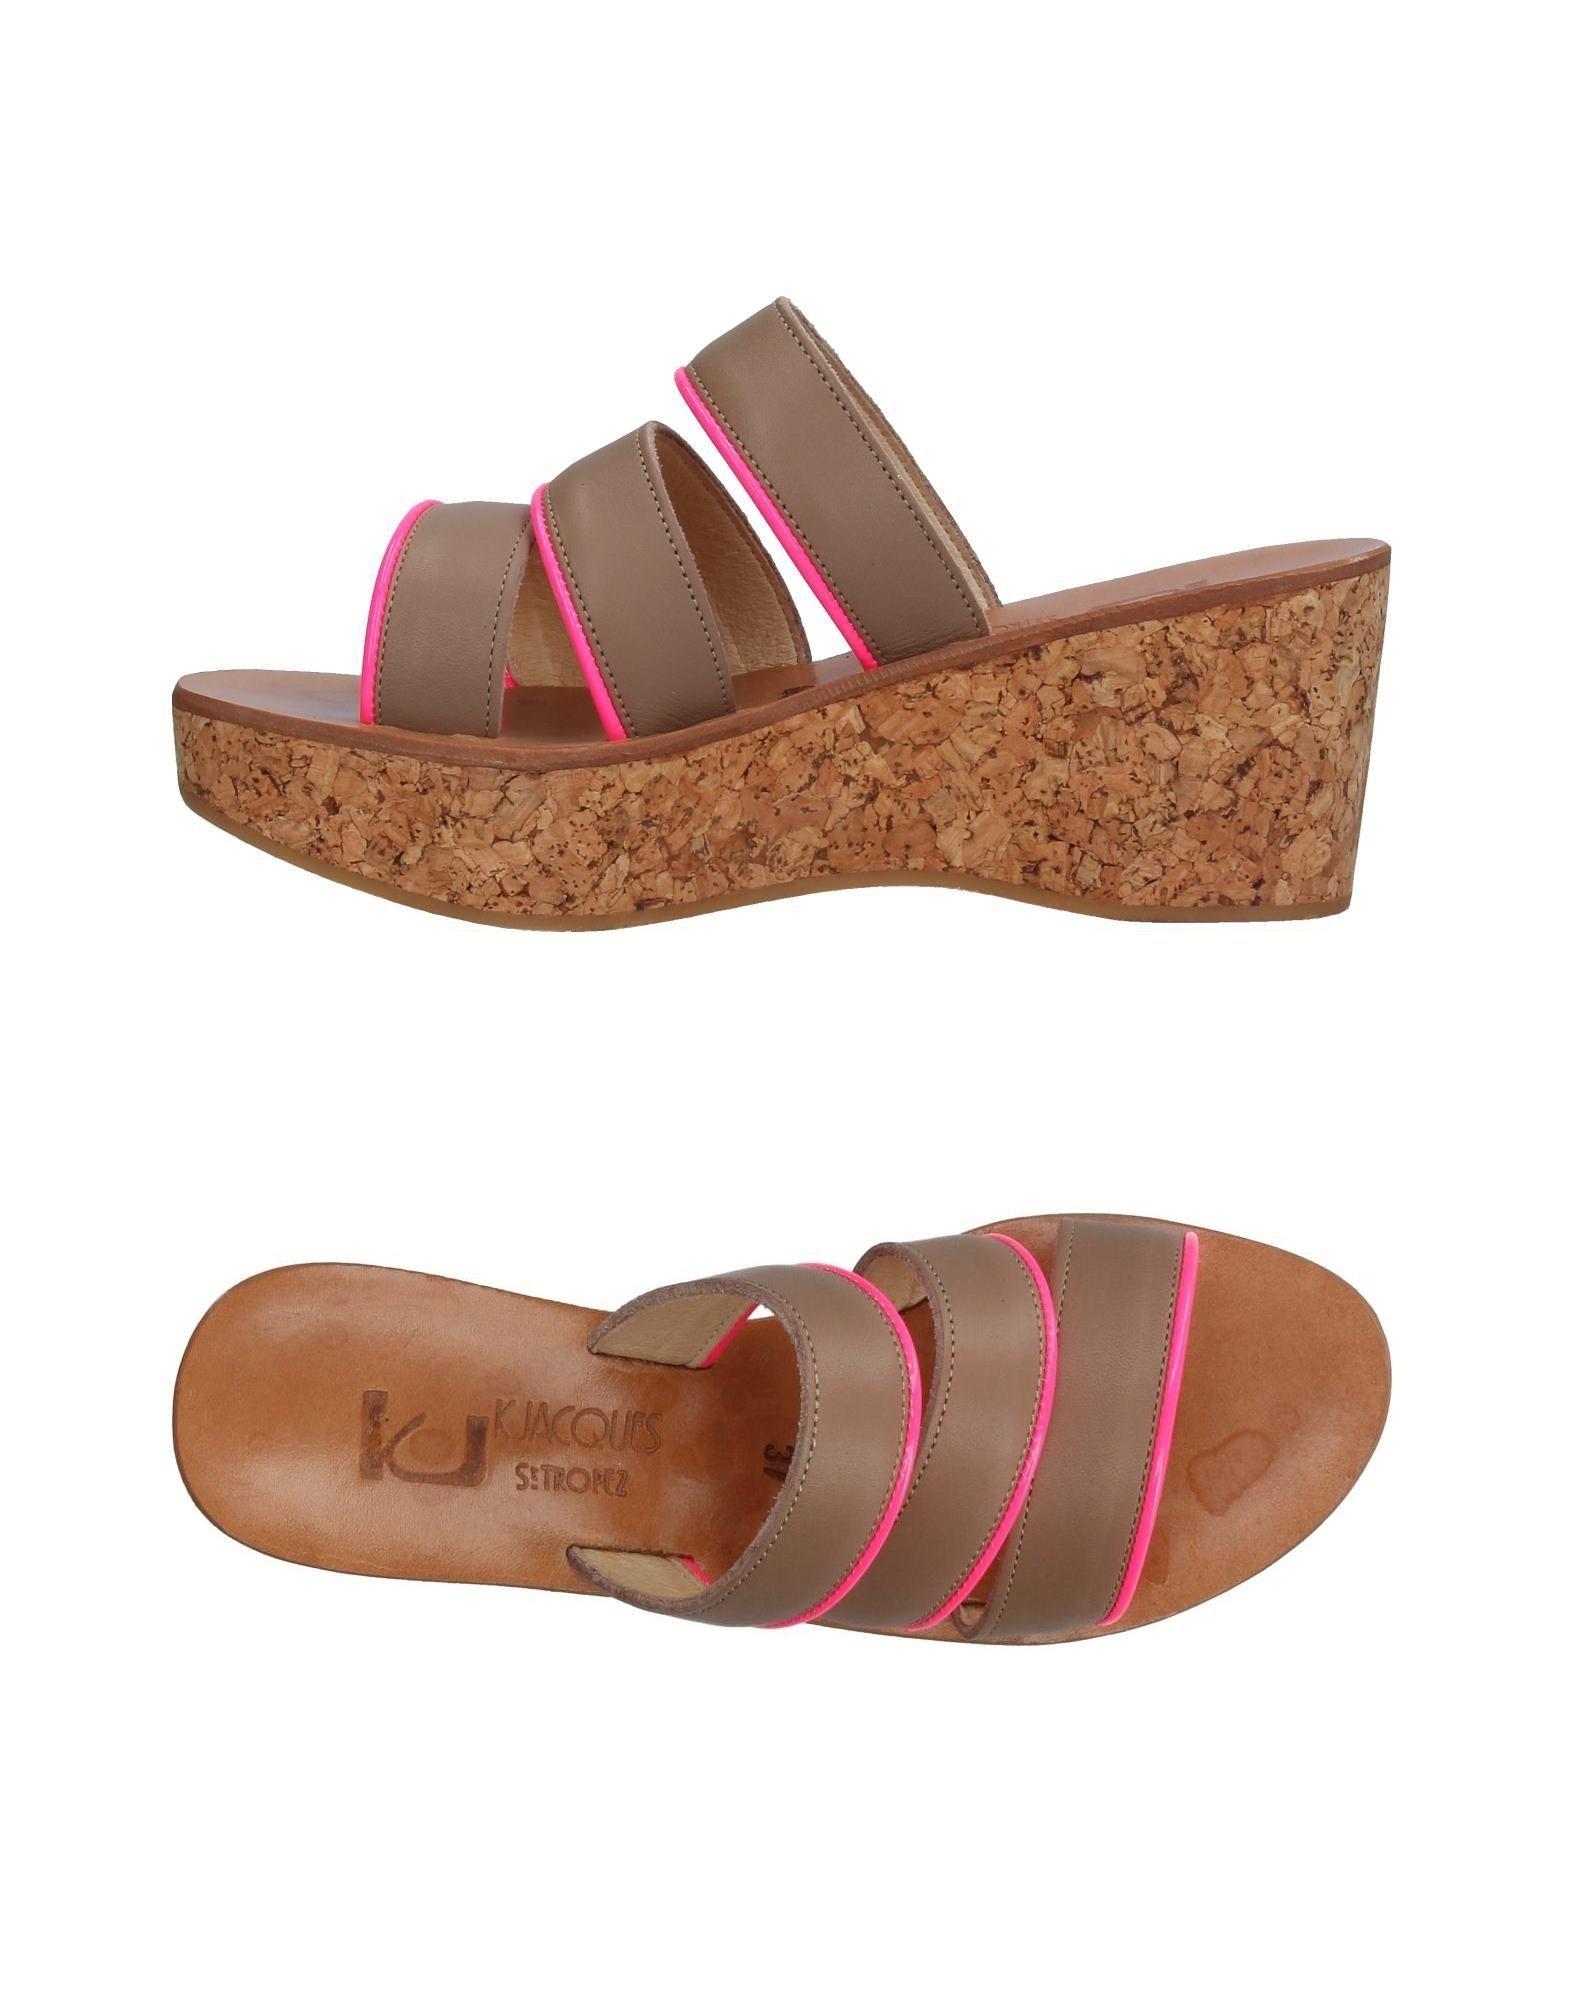 K Jacques St Tropez Sandals Shop At Ebates